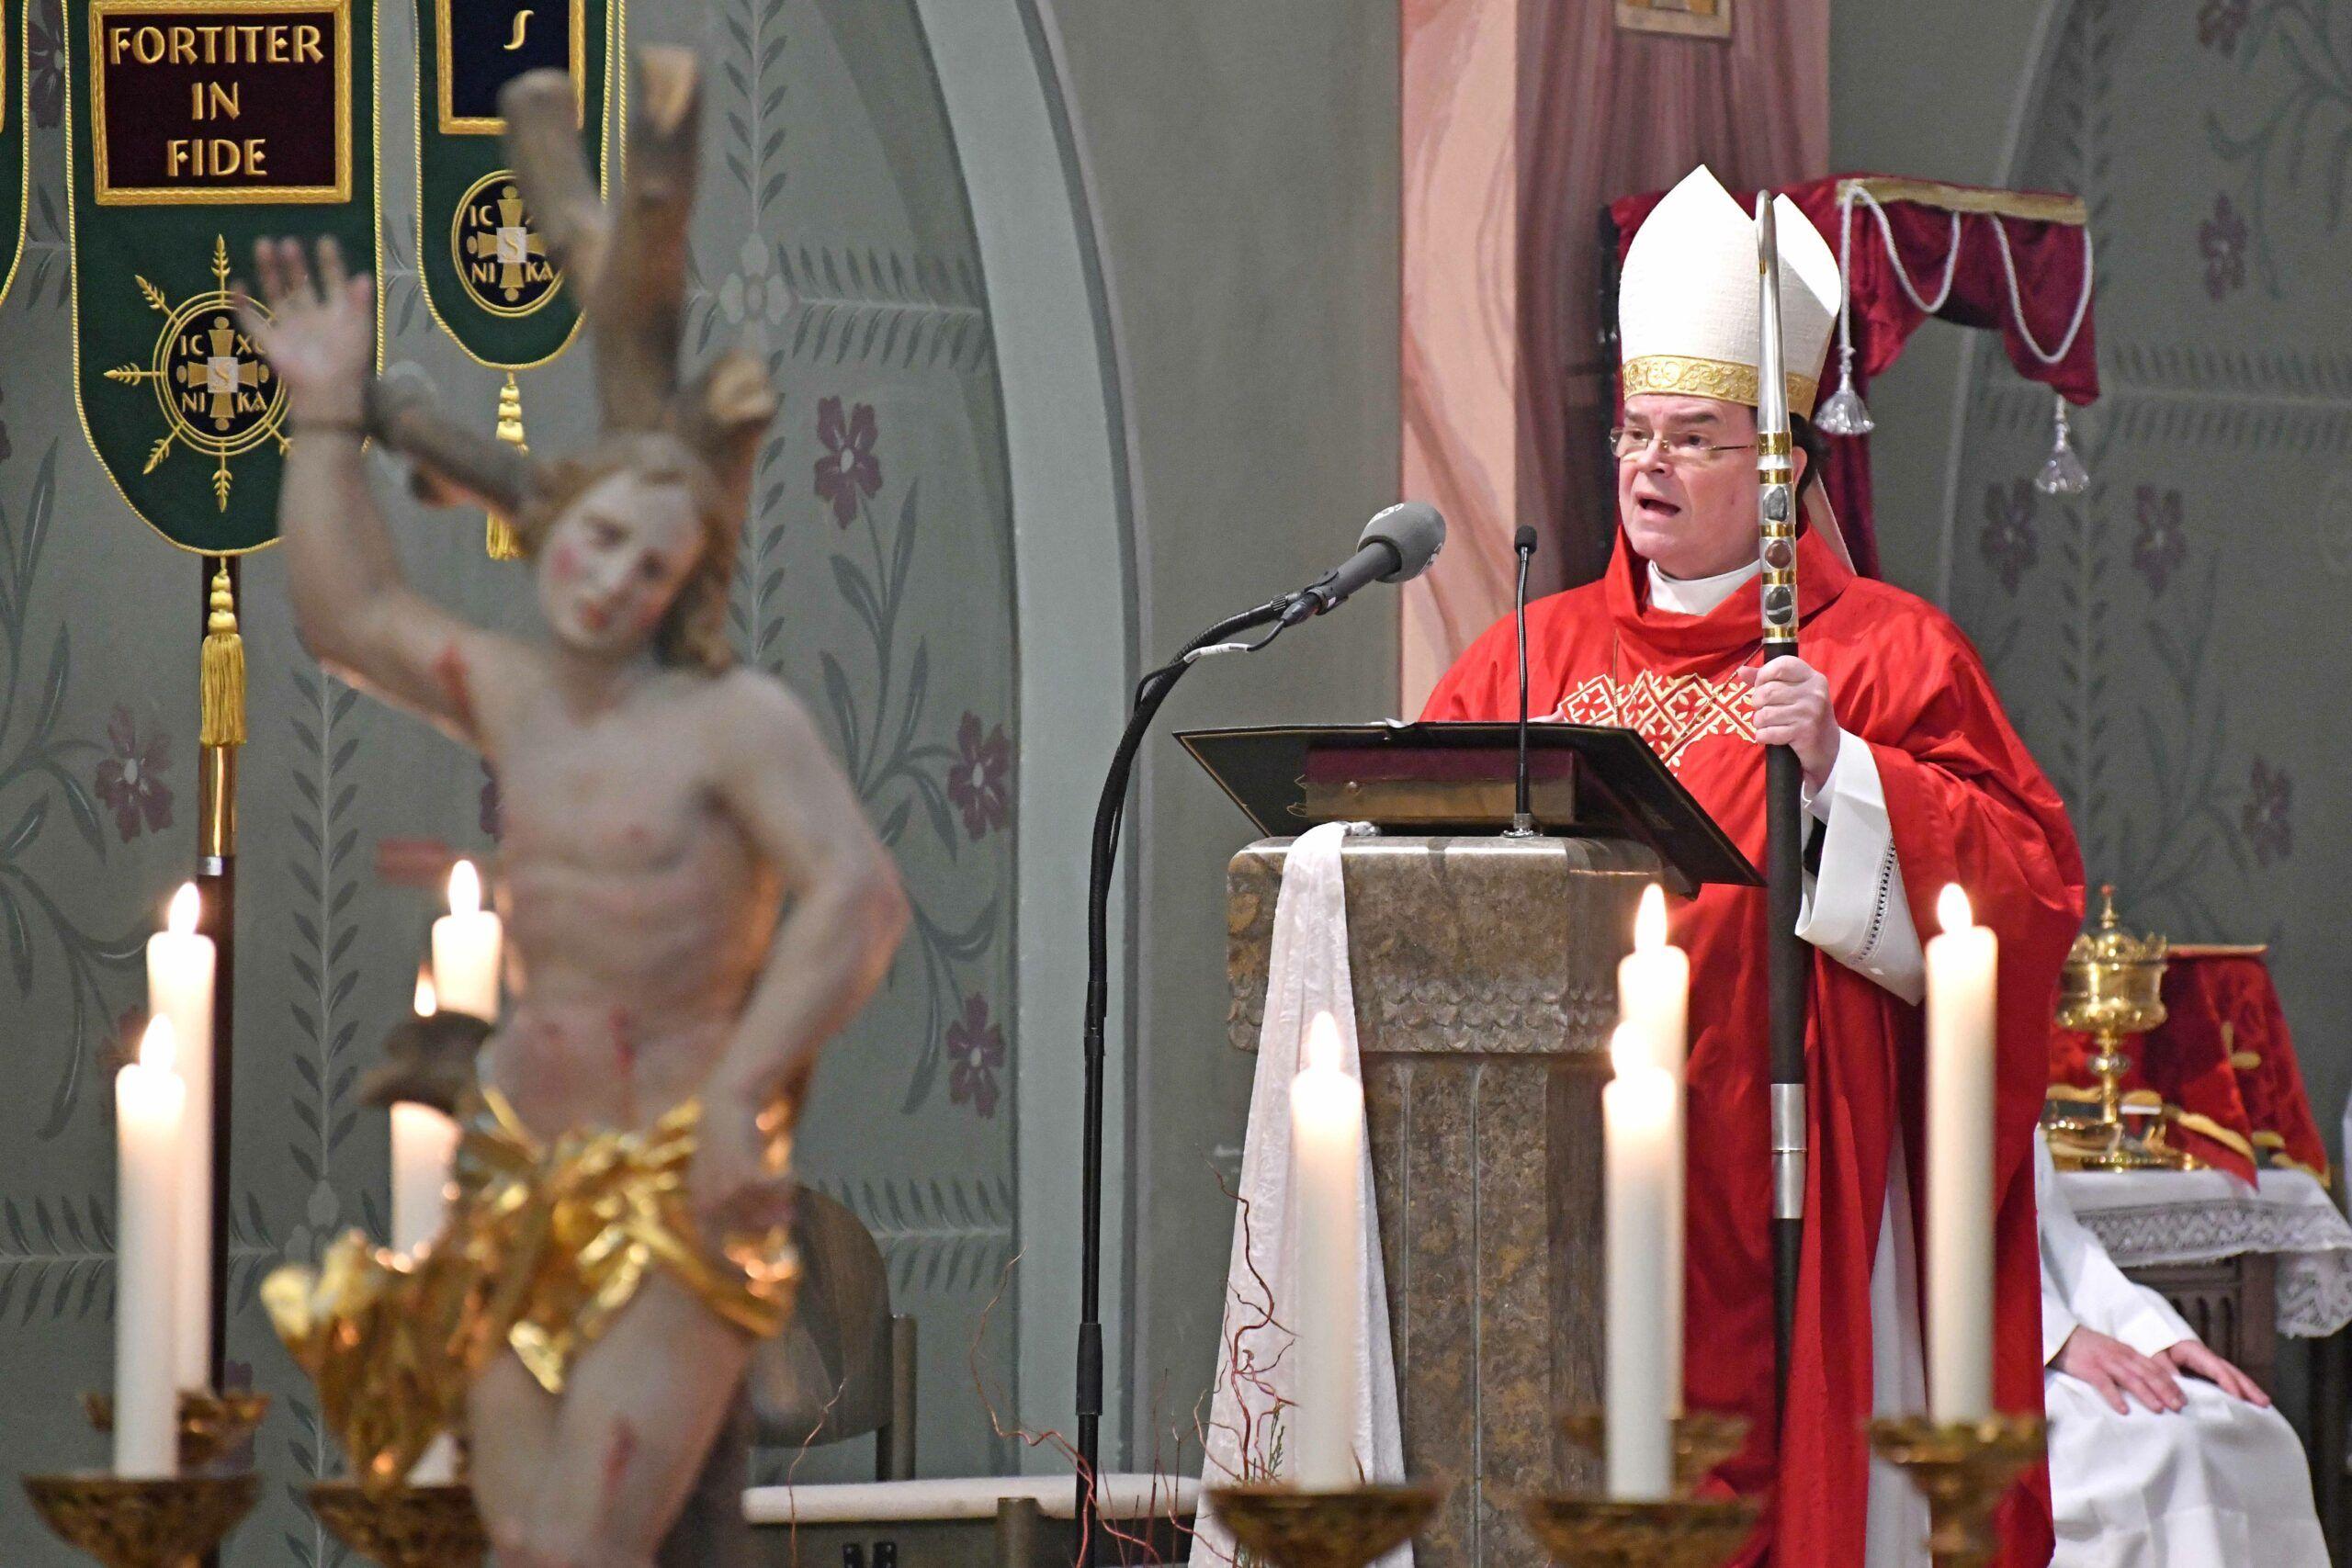 Bischof Bertram Predigt Zum Abschluss Der Sebastianioktav 2021 Foto Nicolas Schnall Pba Scaled